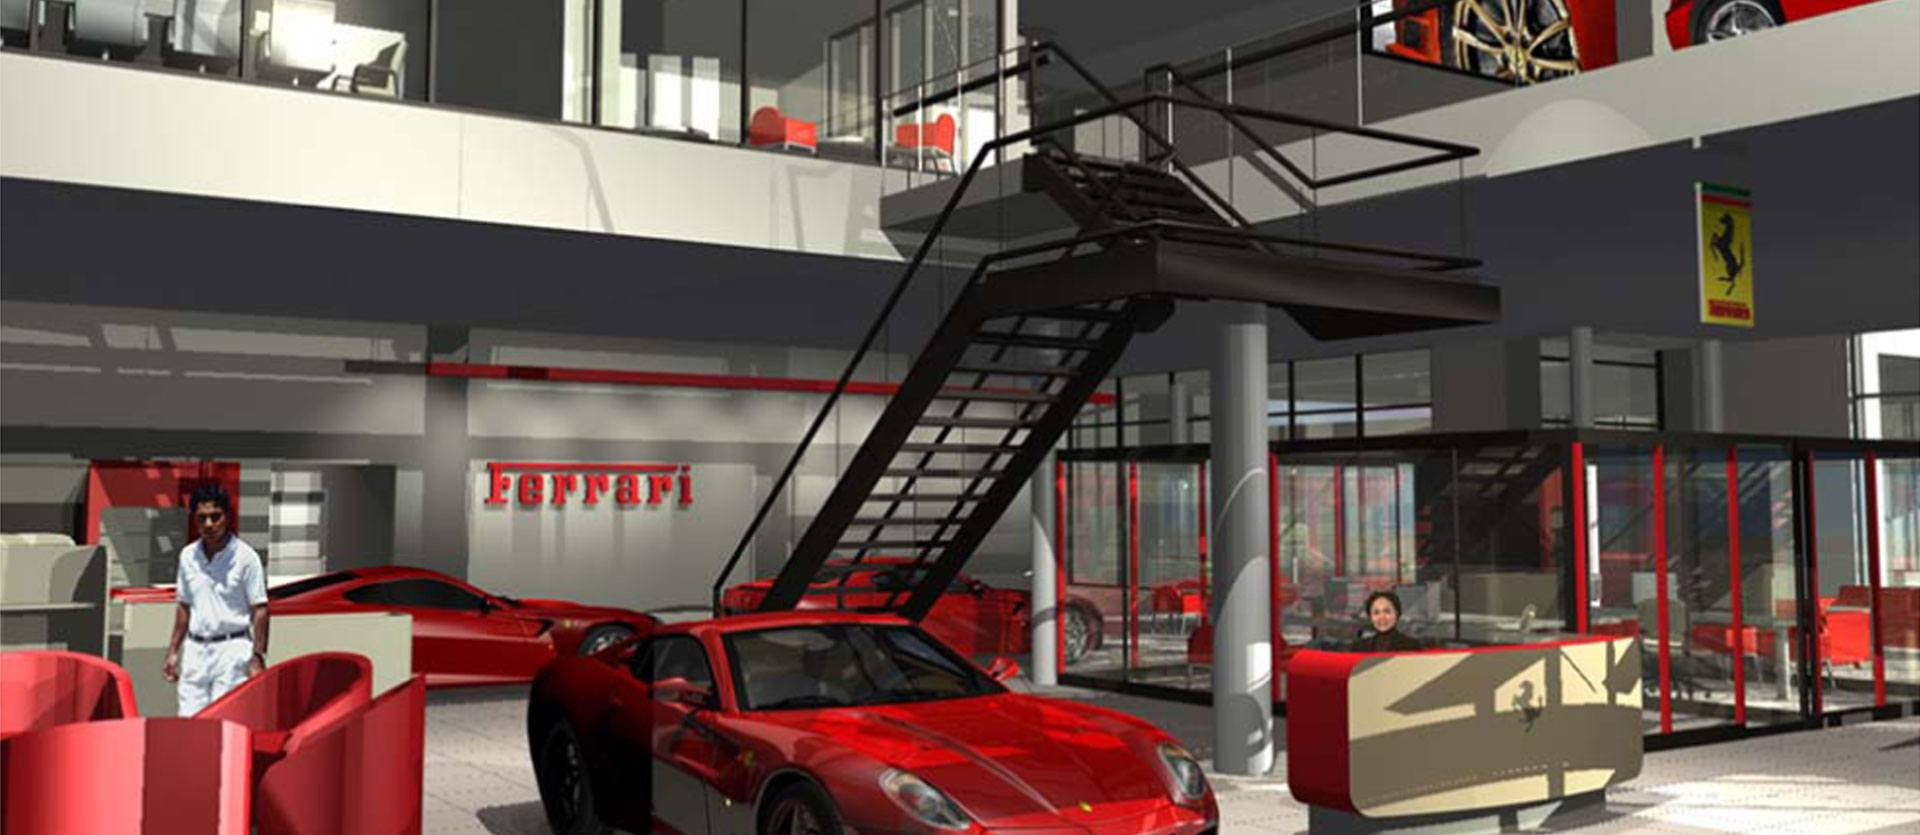 FerrariInterior02_1920x835